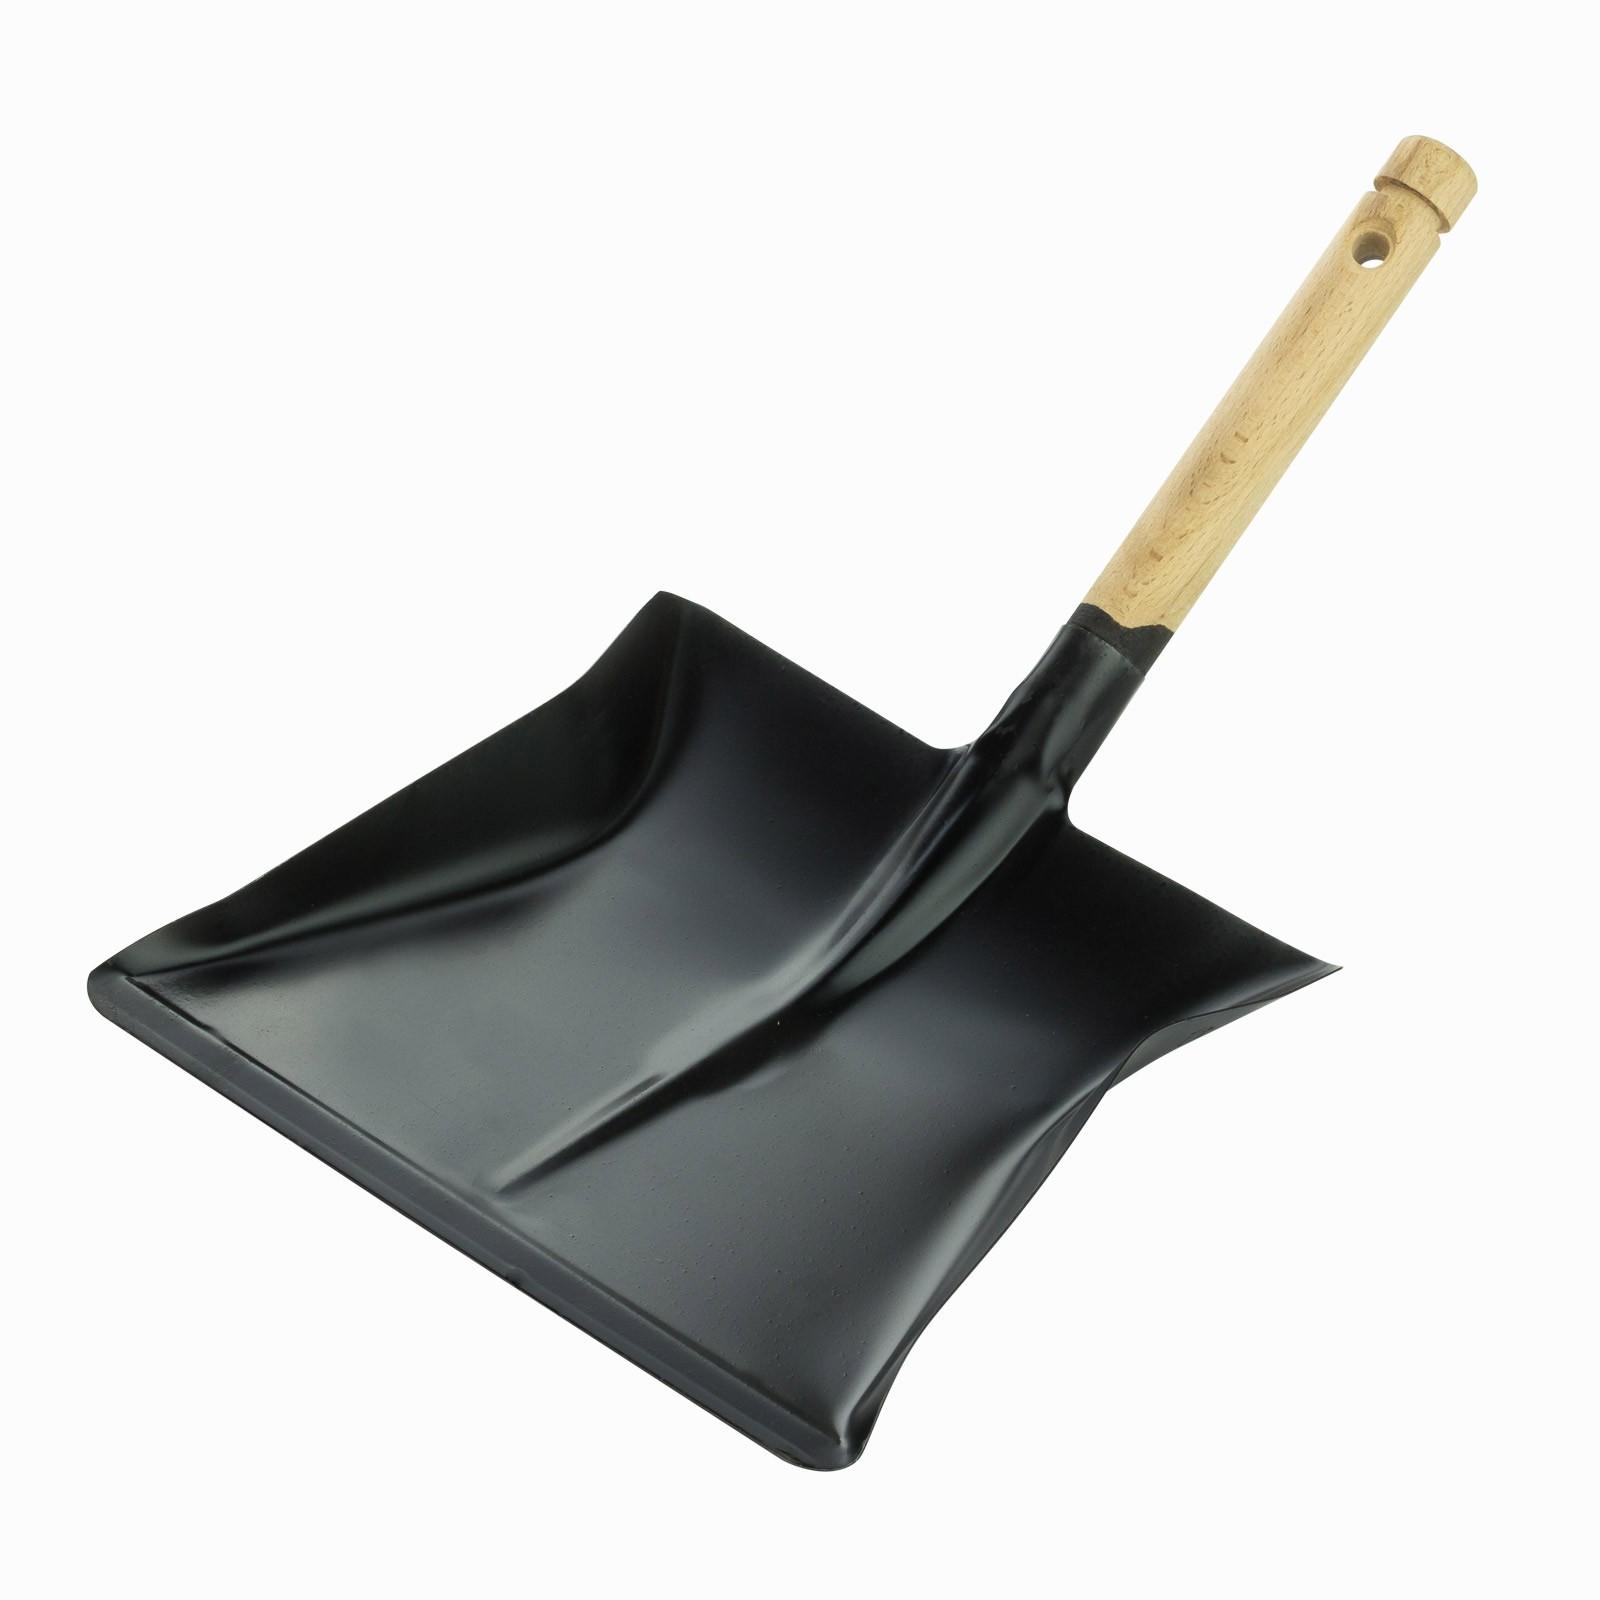 Dema Kehrschaufel Kehrblech Schaufel schwarz mit Holzgriff 17075